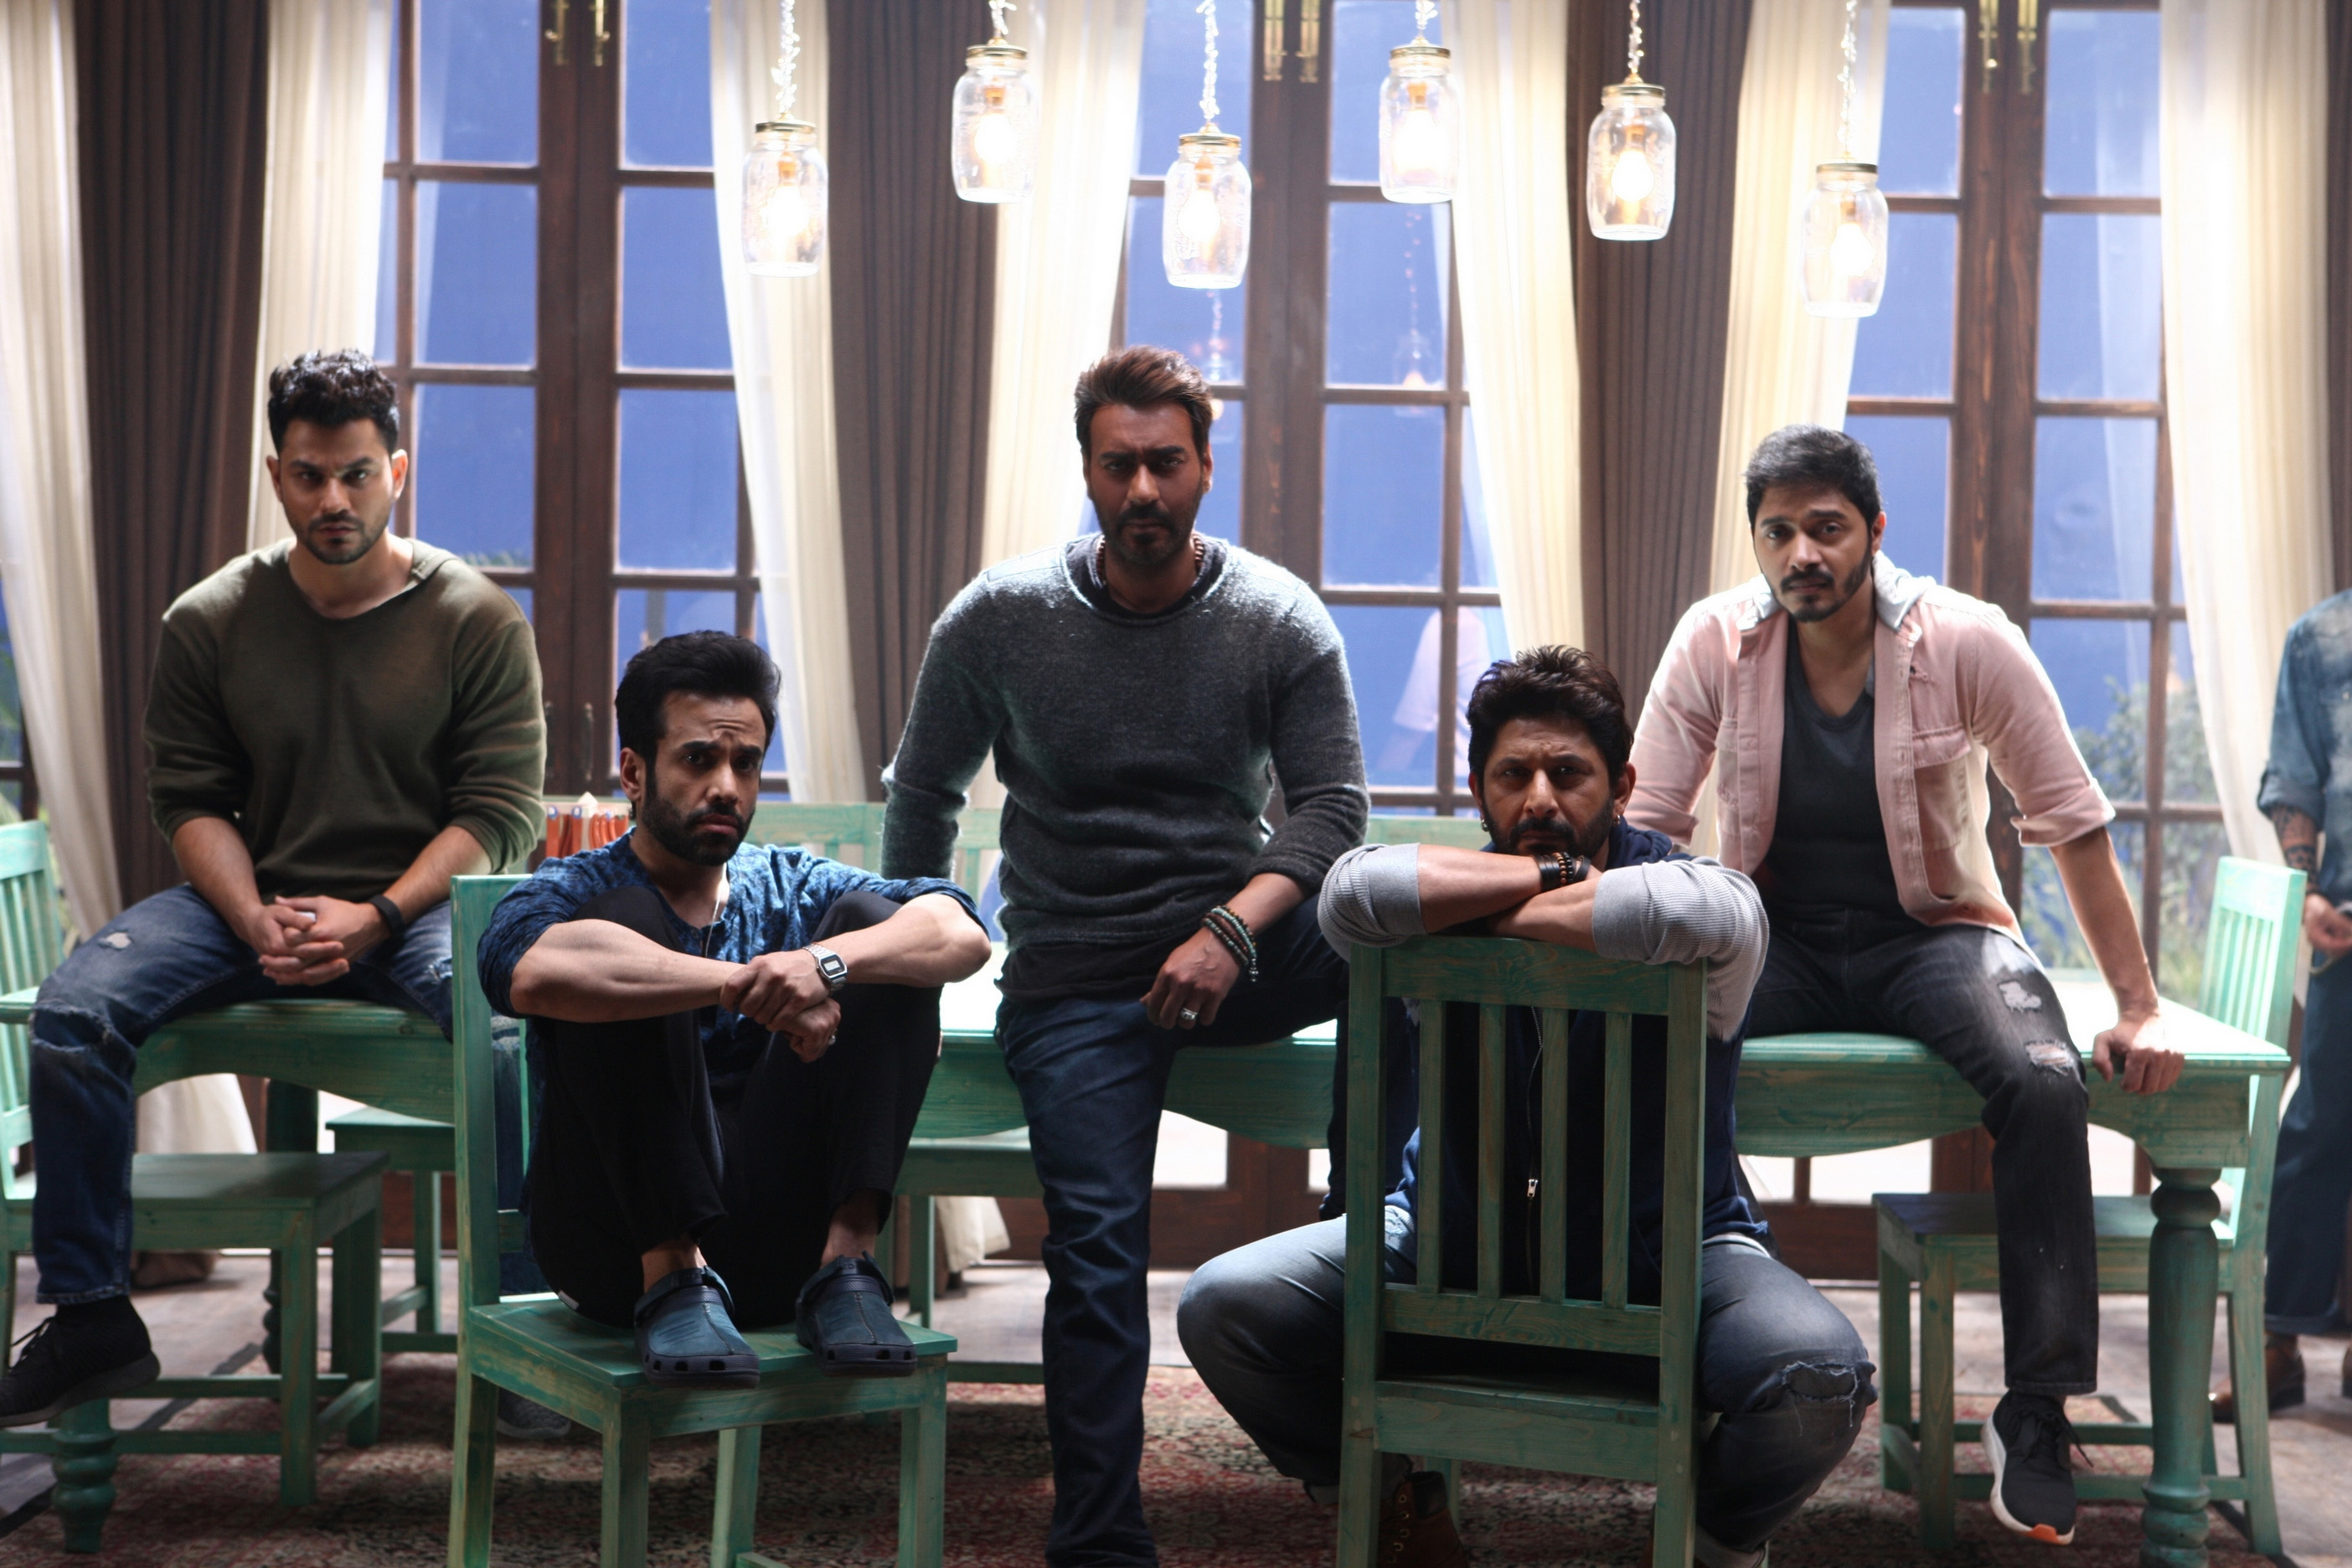 Ajay Devgn, Kunal Khemu, Arshad Warsi, Tusshar Kapoor, and Shreyas Talpade in Golmaal Again (2017)